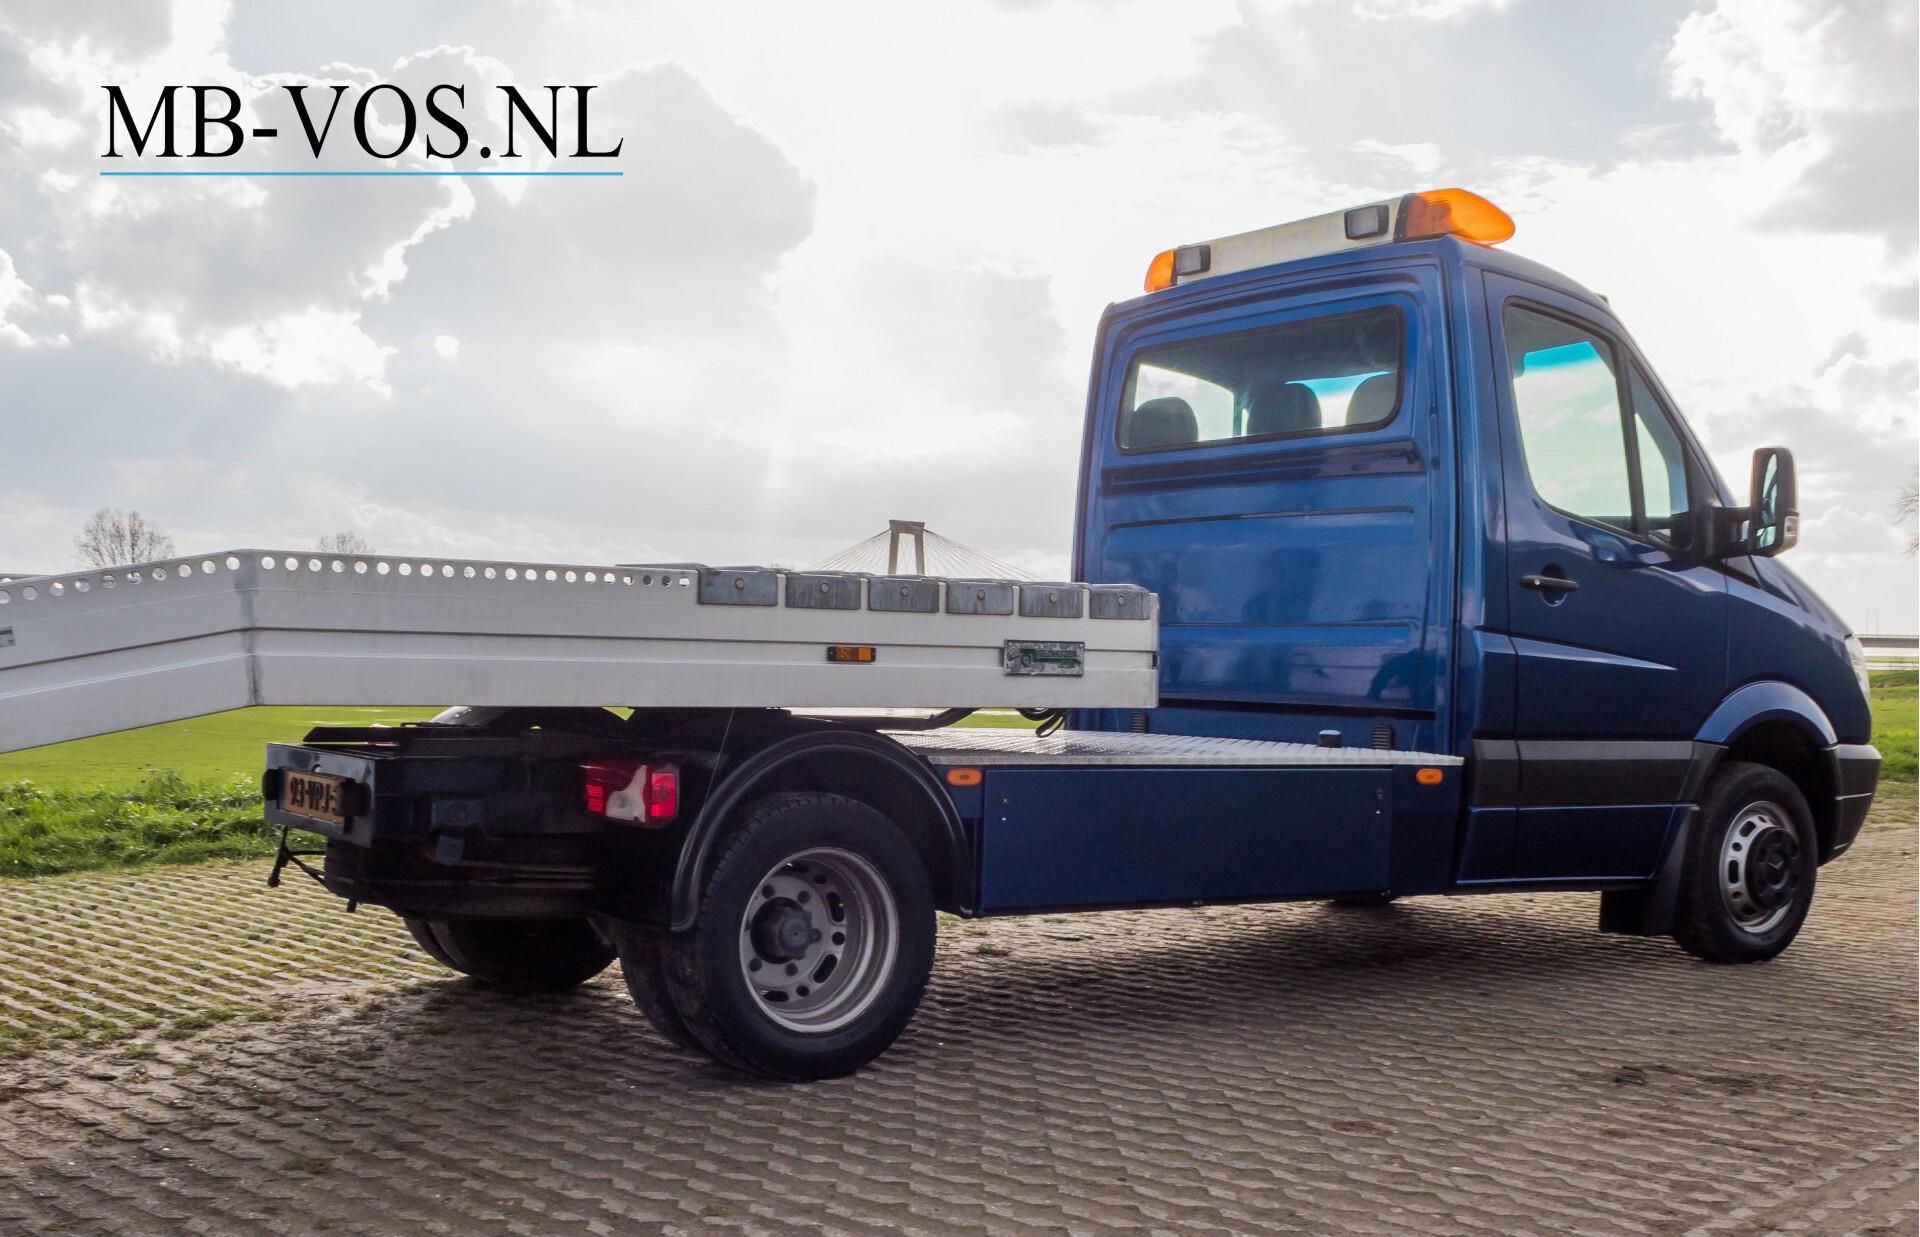 Mercedes-Benz Sprinter 518 3.0 Cdi V6 Oprijwagen / Auto ambulance 7360 kg Foto 5